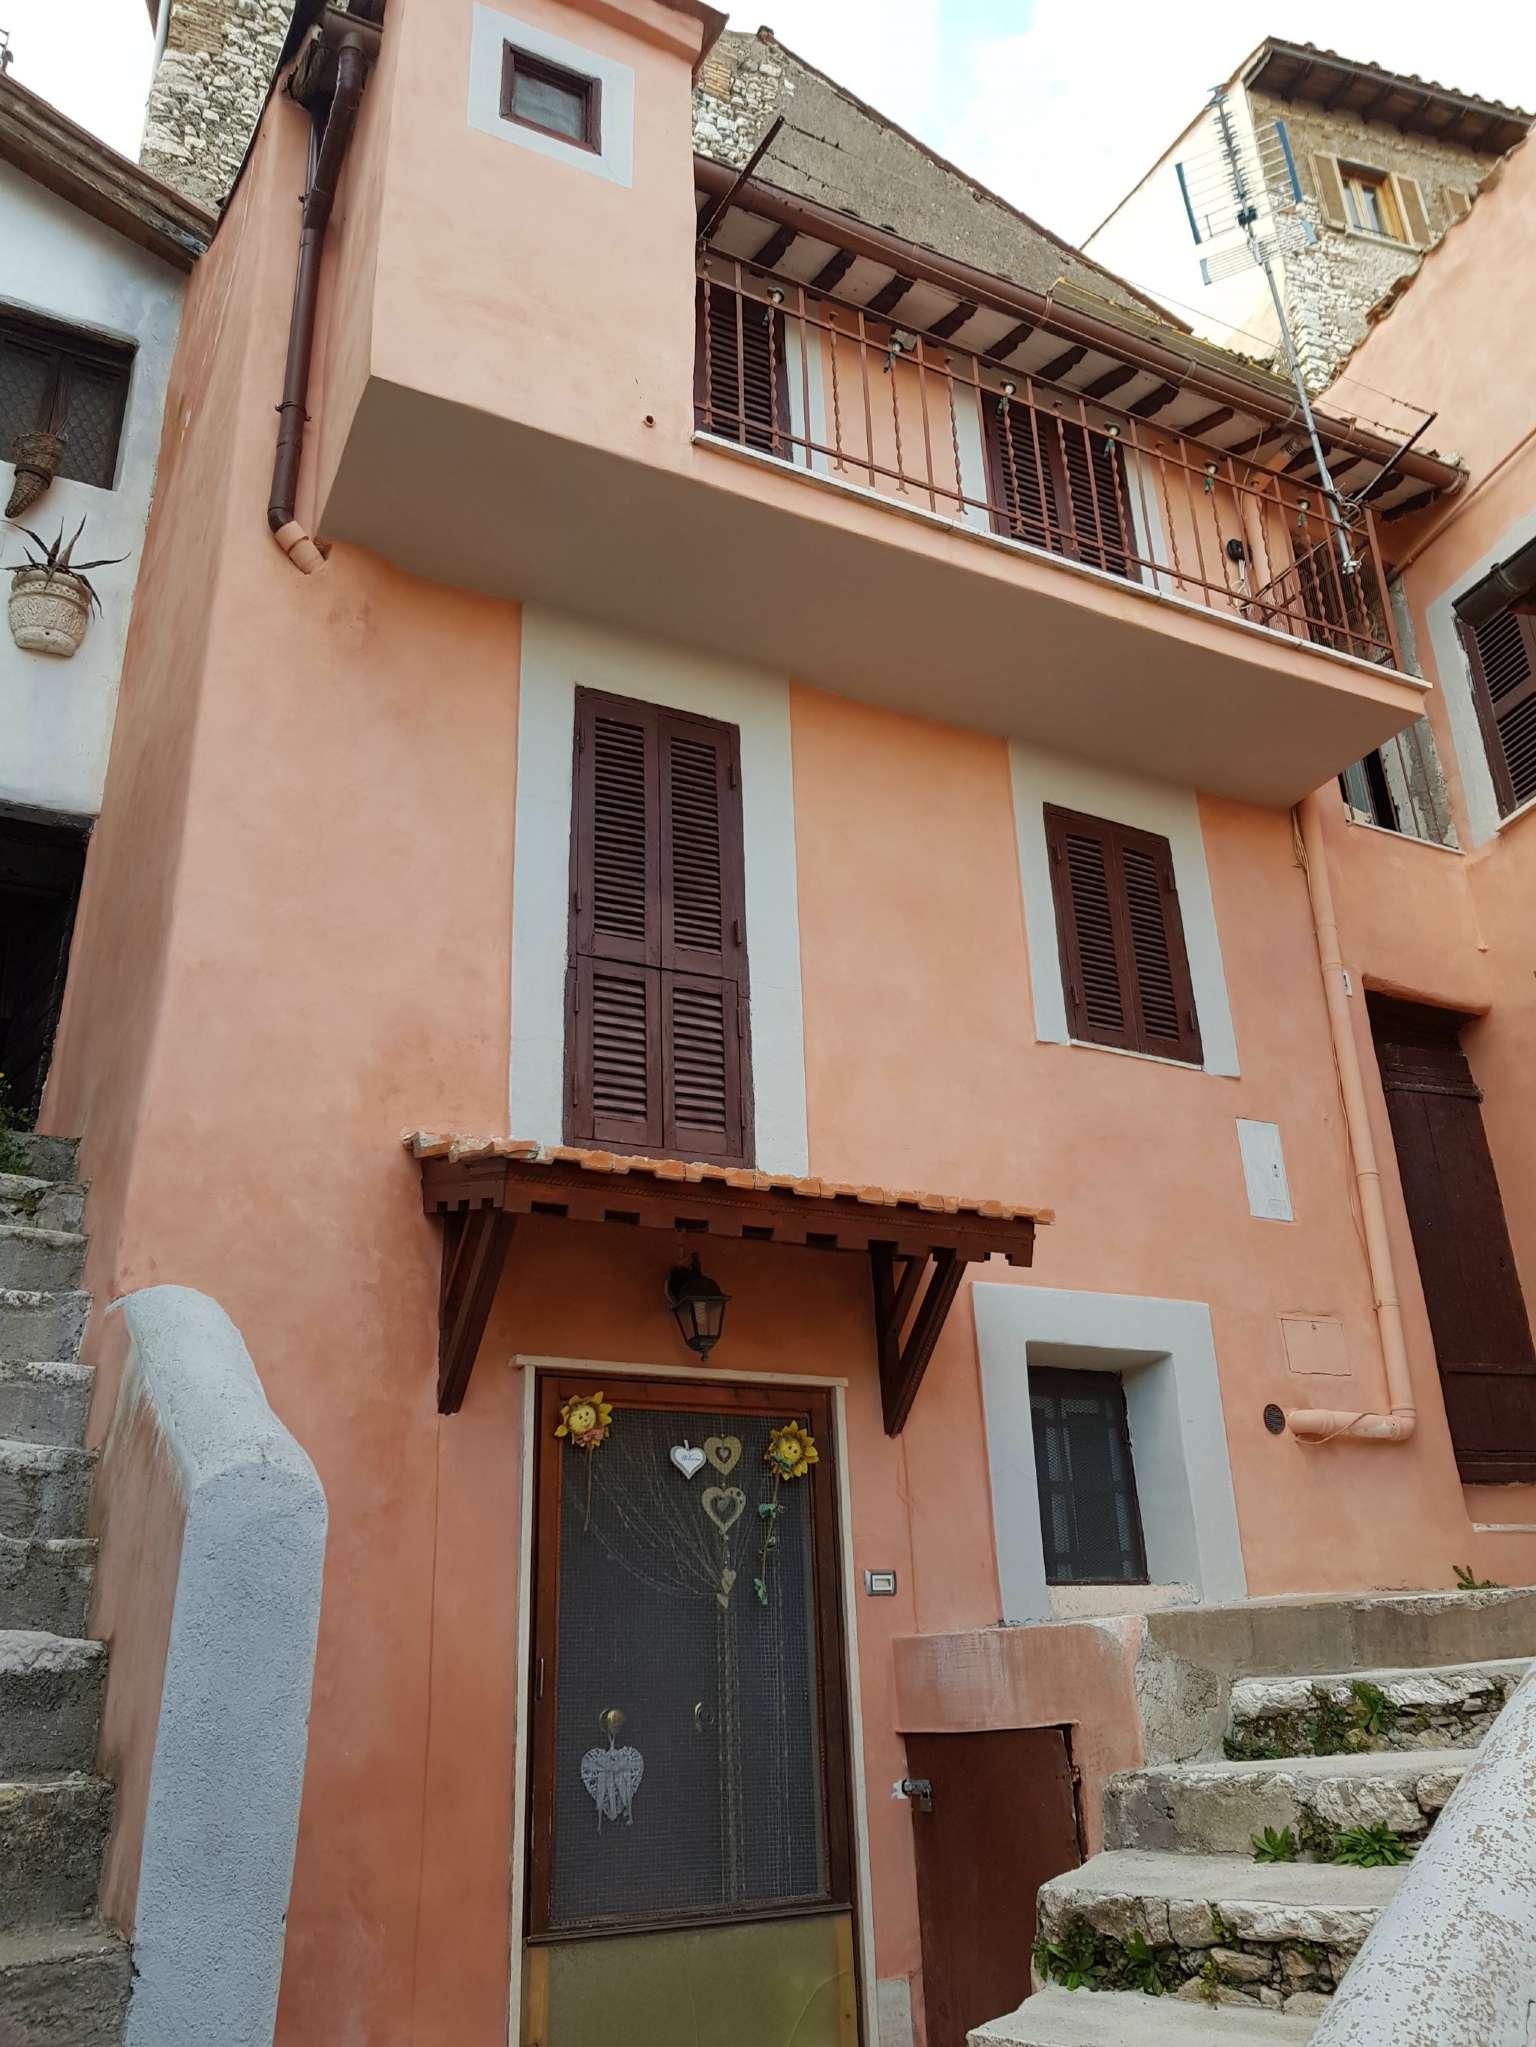 Villa in vendita a San Polo dei Cavalieri, 3 locali, prezzo € 79.000 | CambioCasa.it